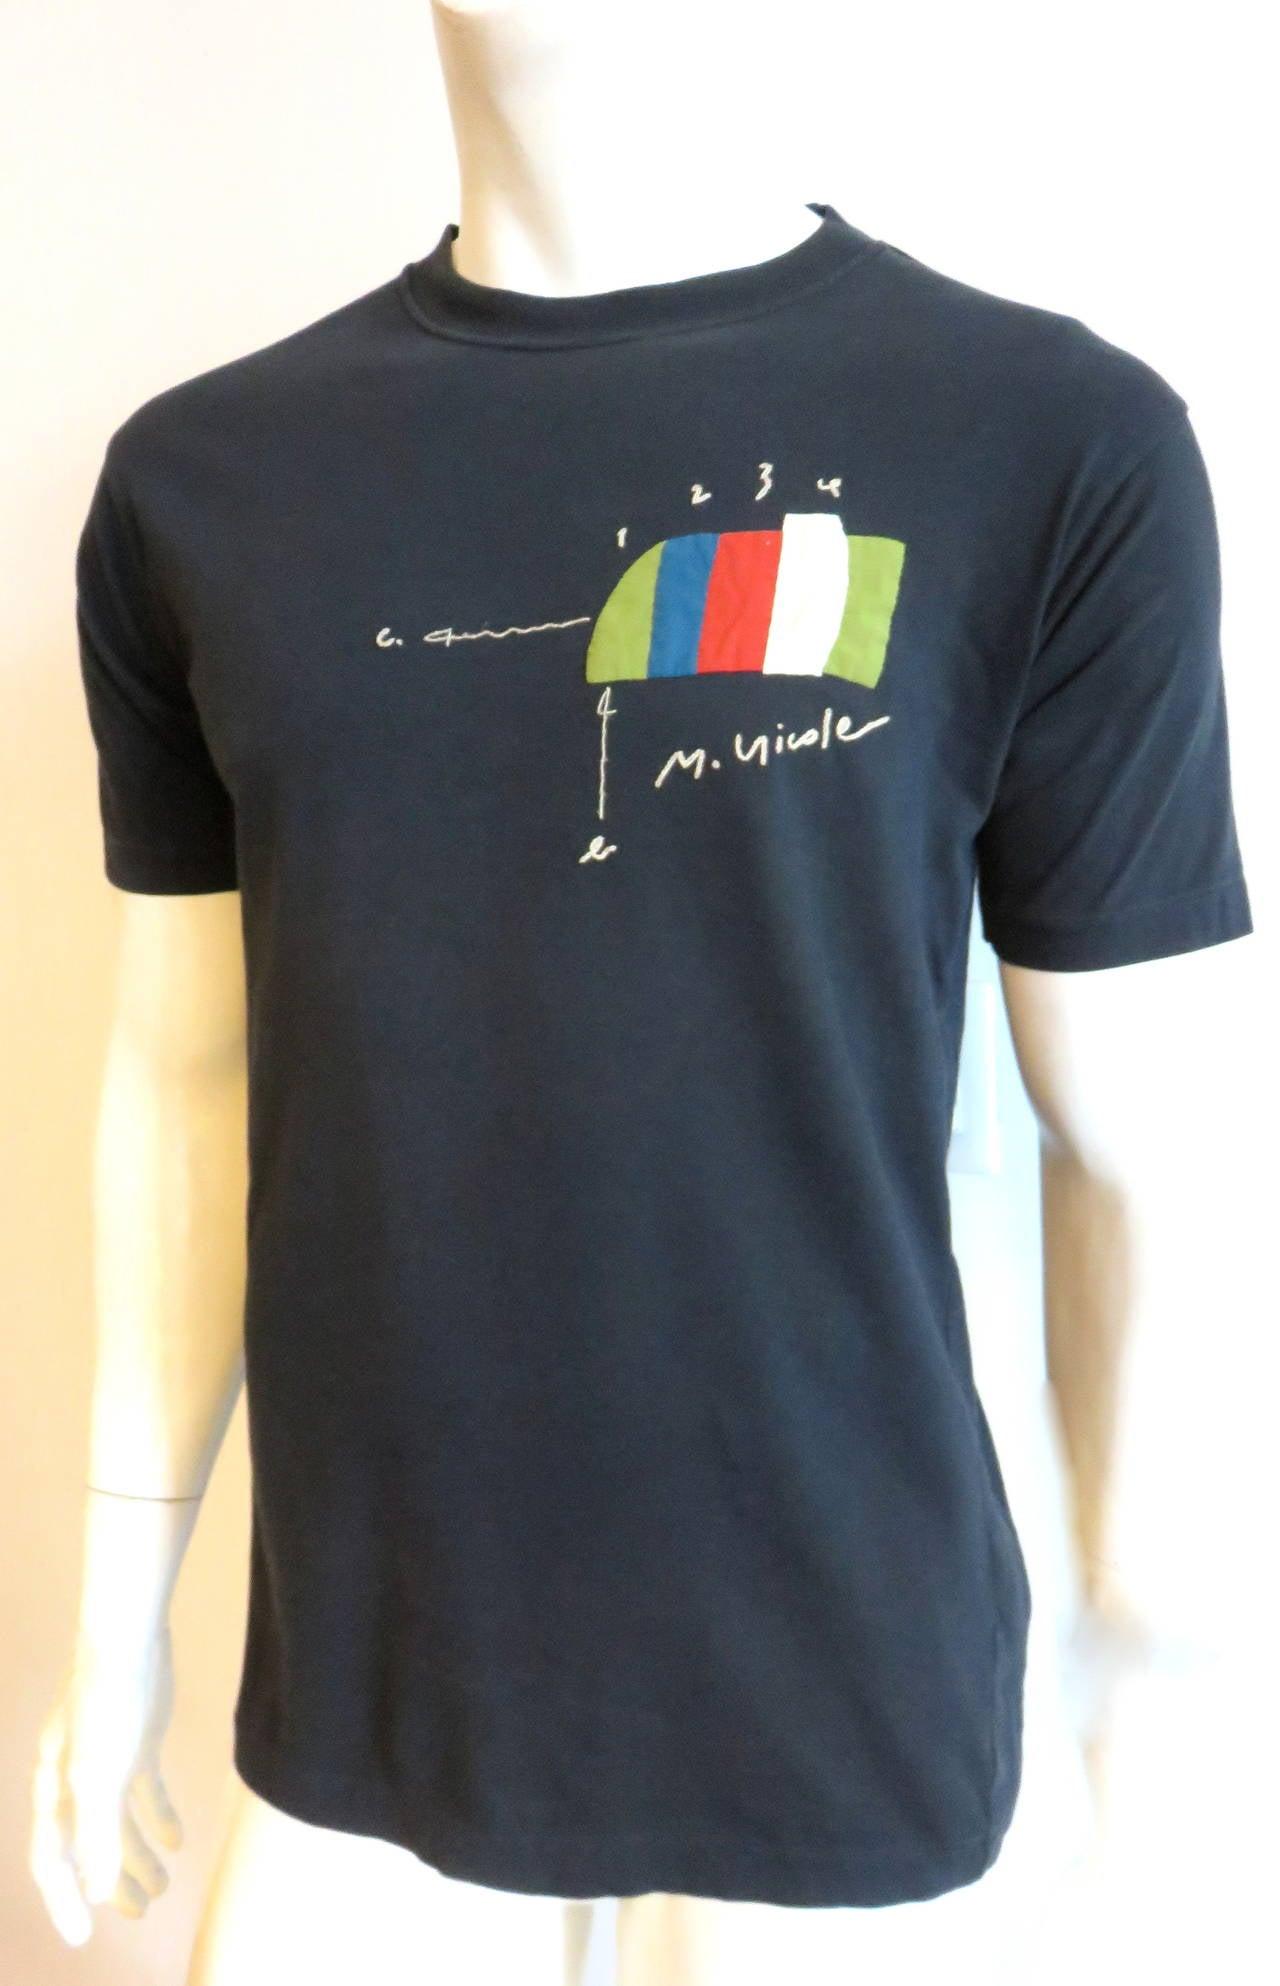 1980 39 s matsuda monsieur nicole men 39 s appliqu t shirt for for Applique shirts for sale